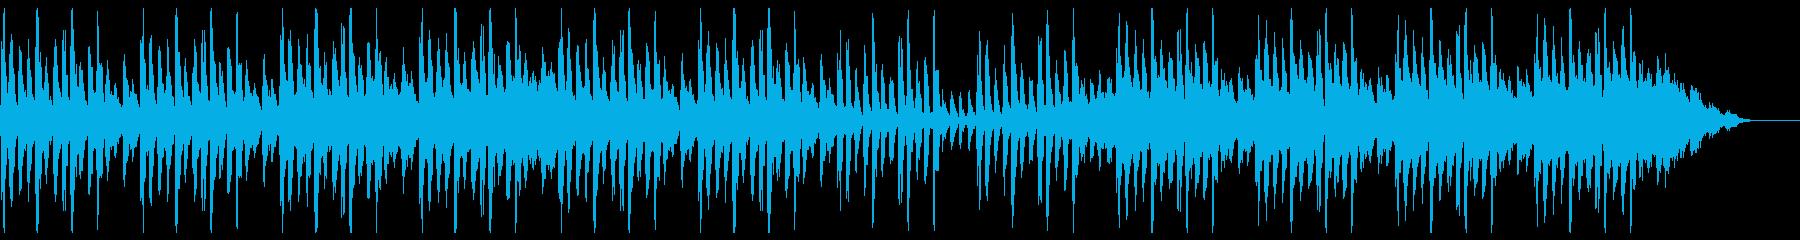 神秘的で幻想的なアンビエント楽曲の再生済みの波形